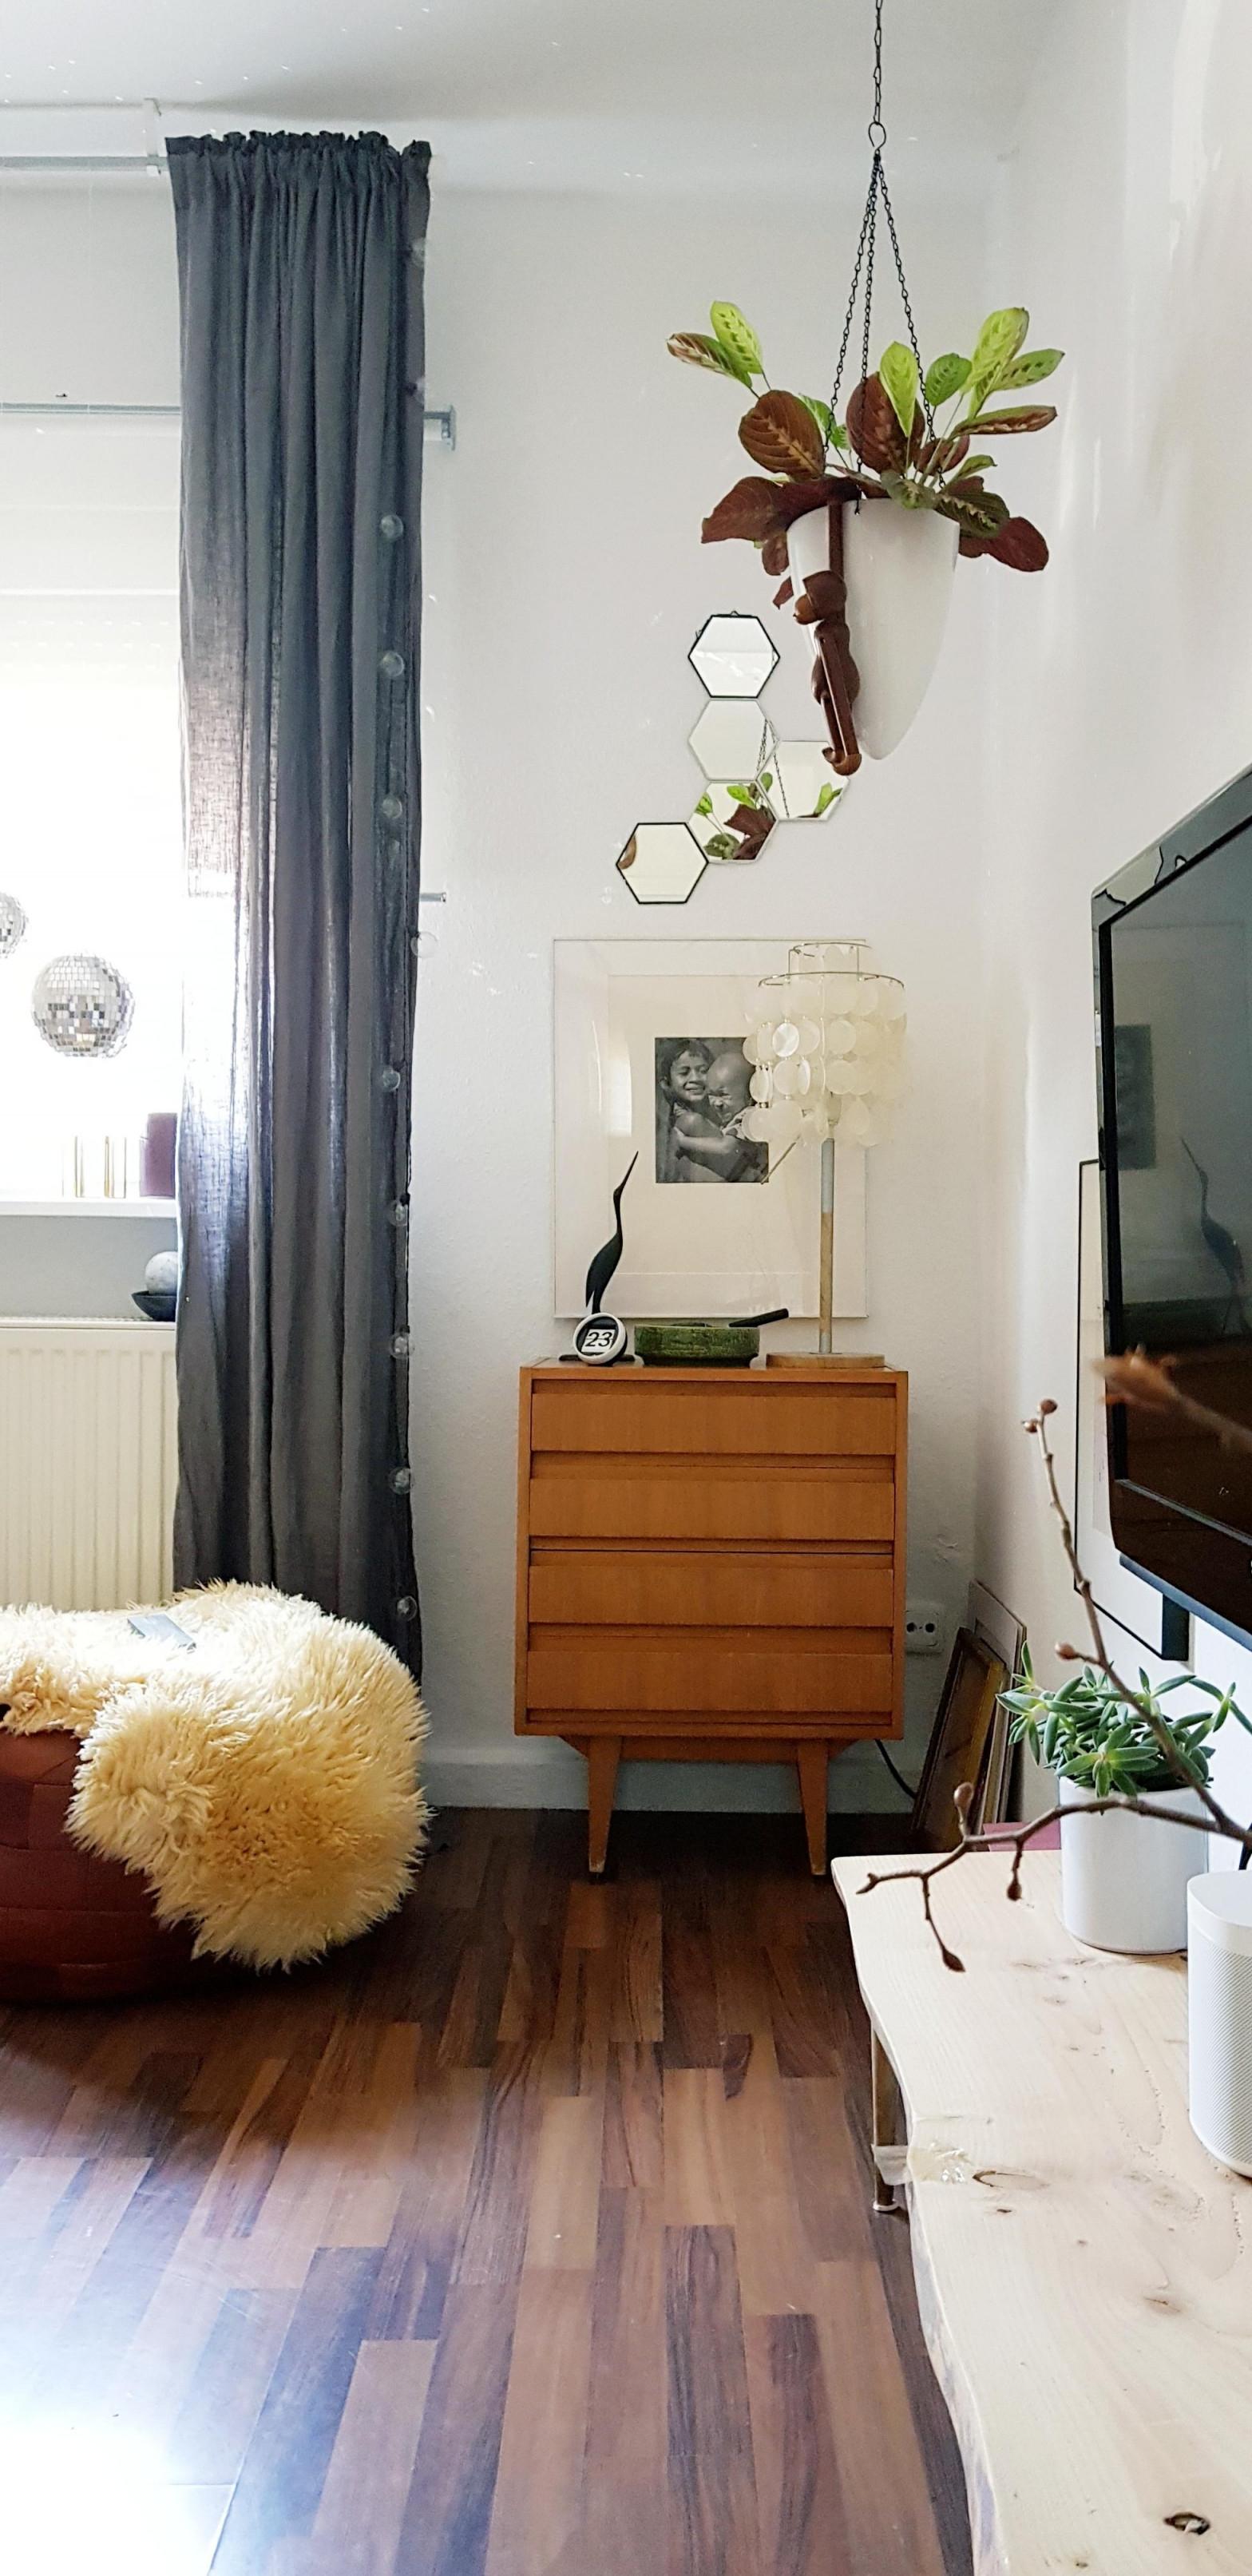 Diese Ecke Im Wohnzimmer Mag Ich Am Meisten 🙂 Midc von Deko Ecke Wohnzimmer Photo